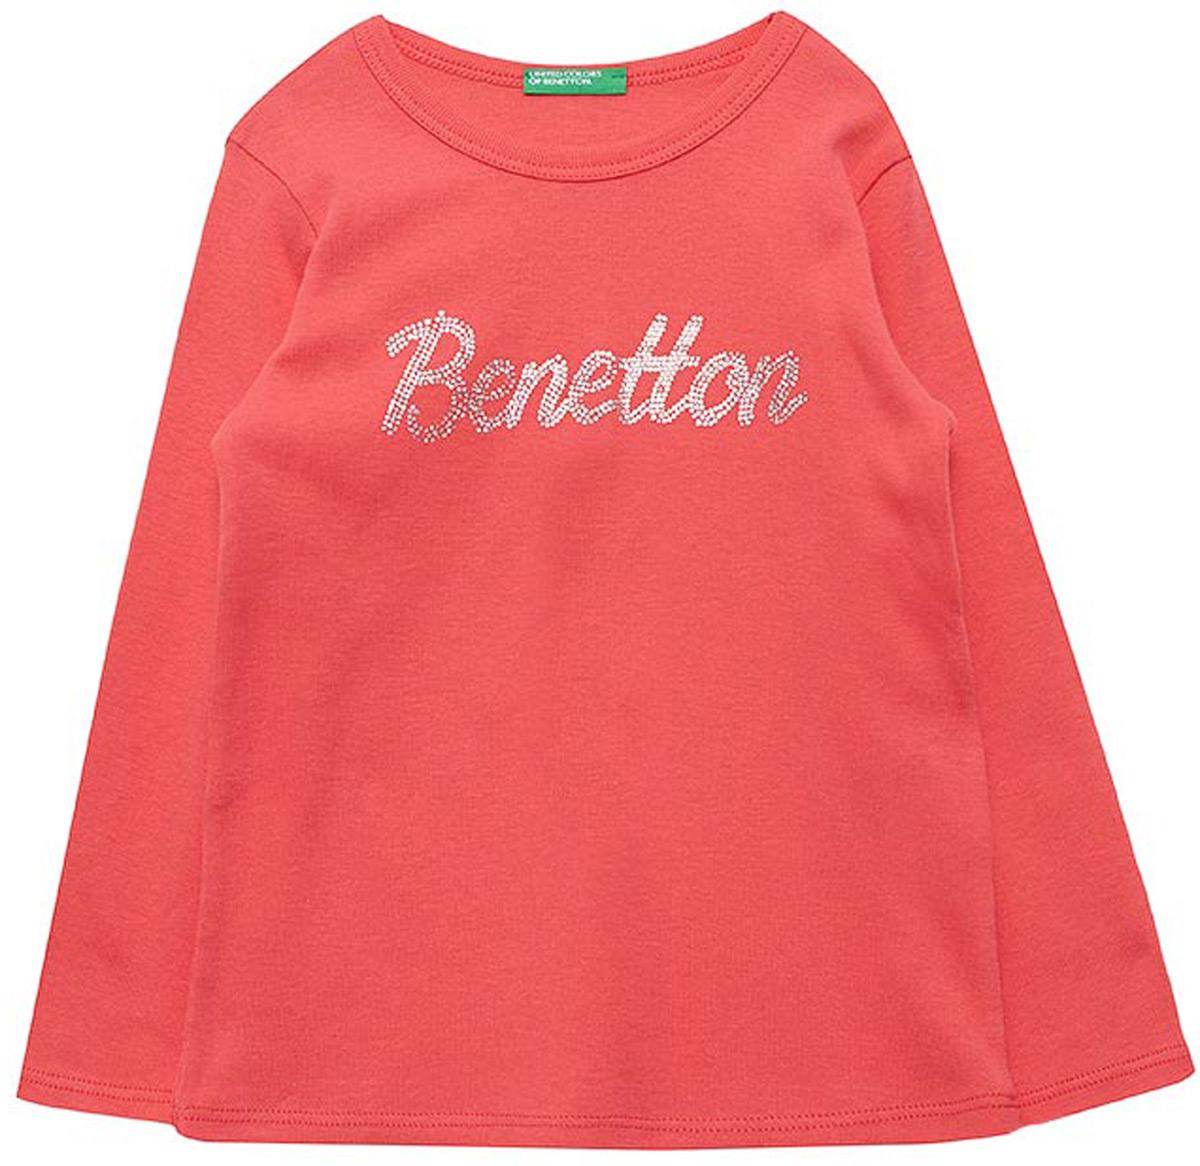 Футболка с длинным рукавом для девочек United Colors of Benetton, цвет: розовый. 3I9WC13NL_09H. Размер 1603I9WC13NL_09HФутболка от United Colors of Benetton выполнена из натурального хлопкового трикотажа. Модель с длинными рукавами и круглым вырезом горловины спереди оформлена брендированным принтом из страз.